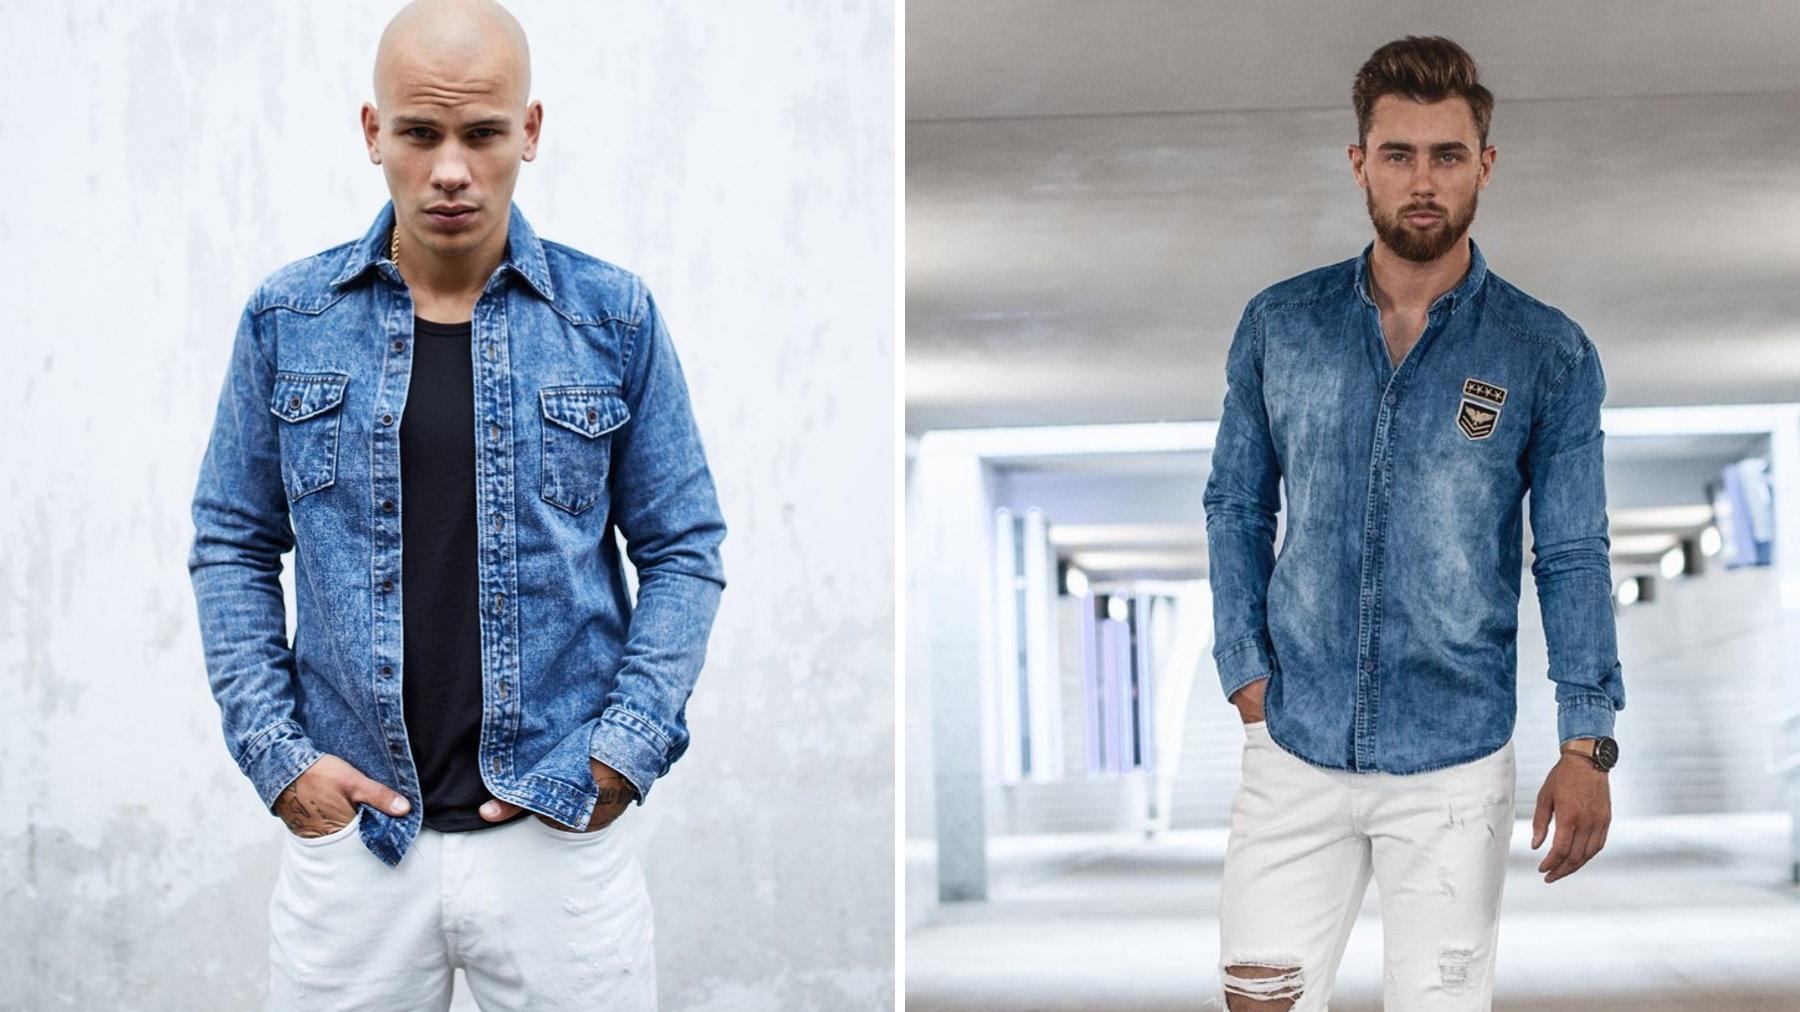 Białe spodnie męskie – jak je nosić, z czym łączyć?